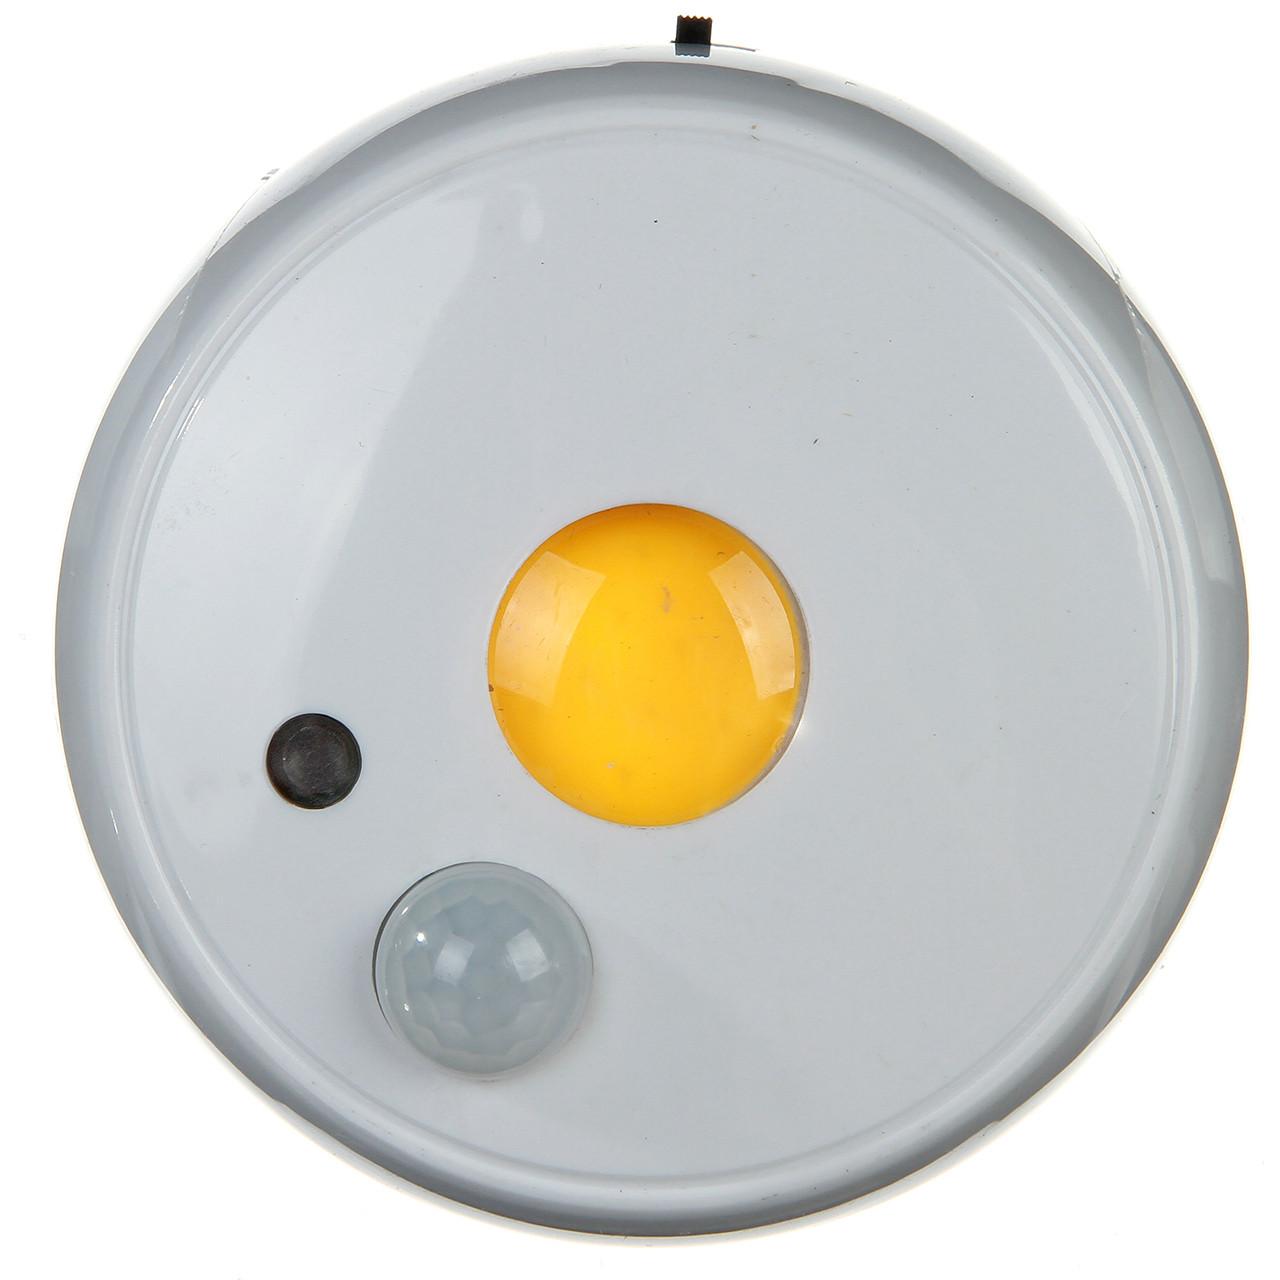 Ліхтар з датчиком руху вуличний Cozy Glow LED